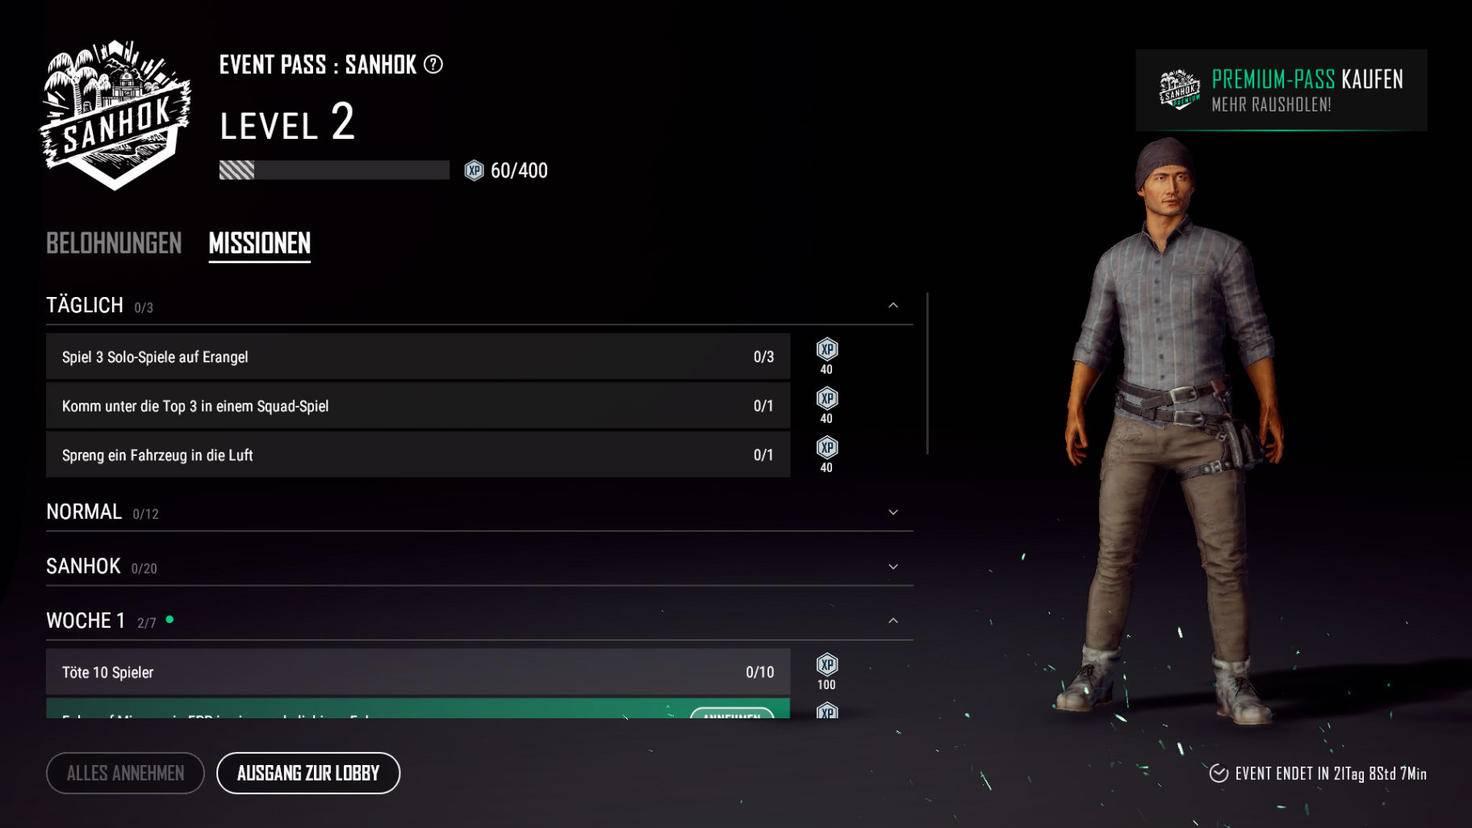 pubg-event-pass-liste-screenshot